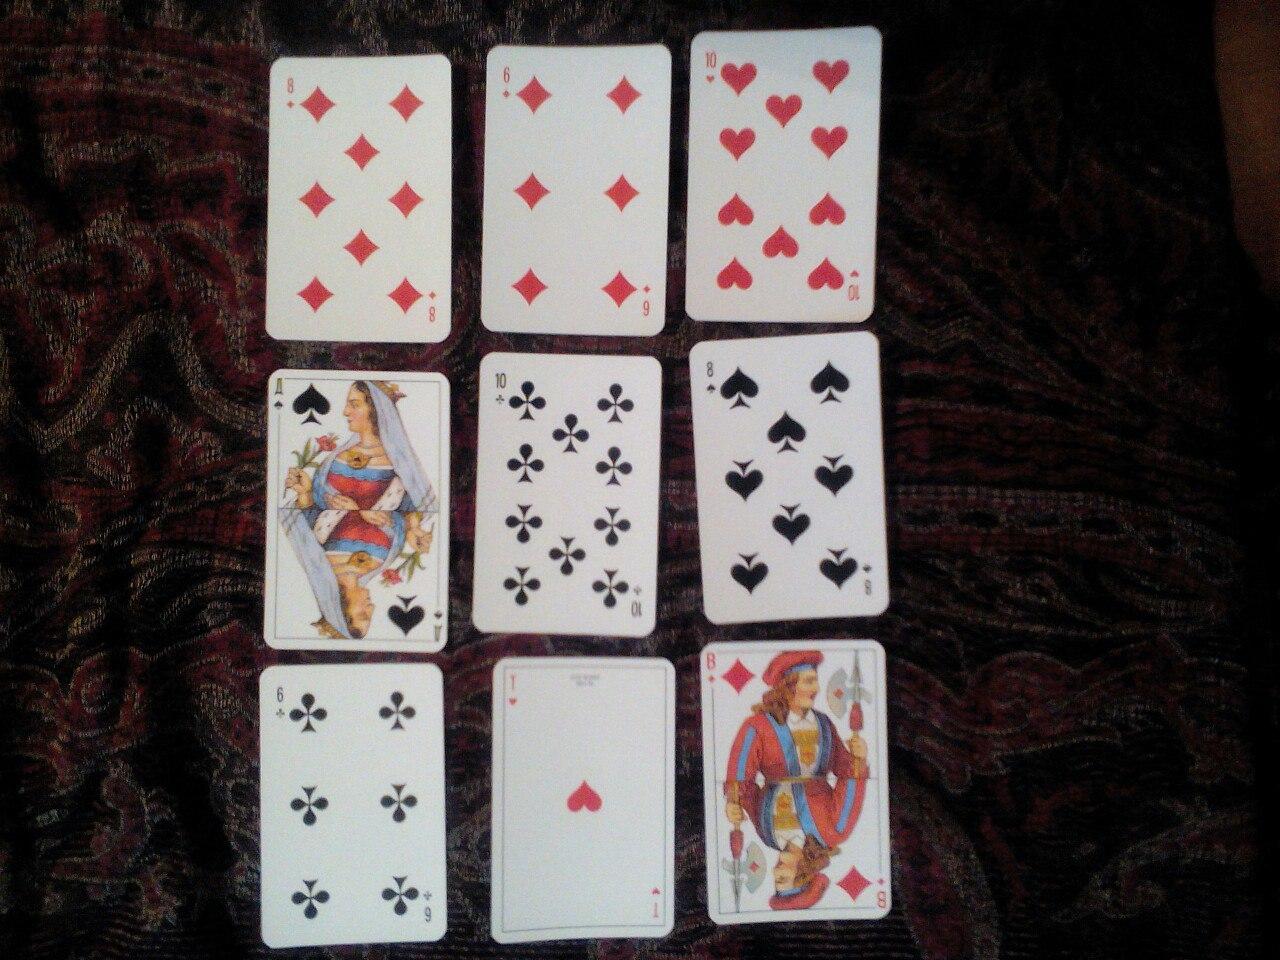 Гадание на игральных картах: пример гадания на мужа